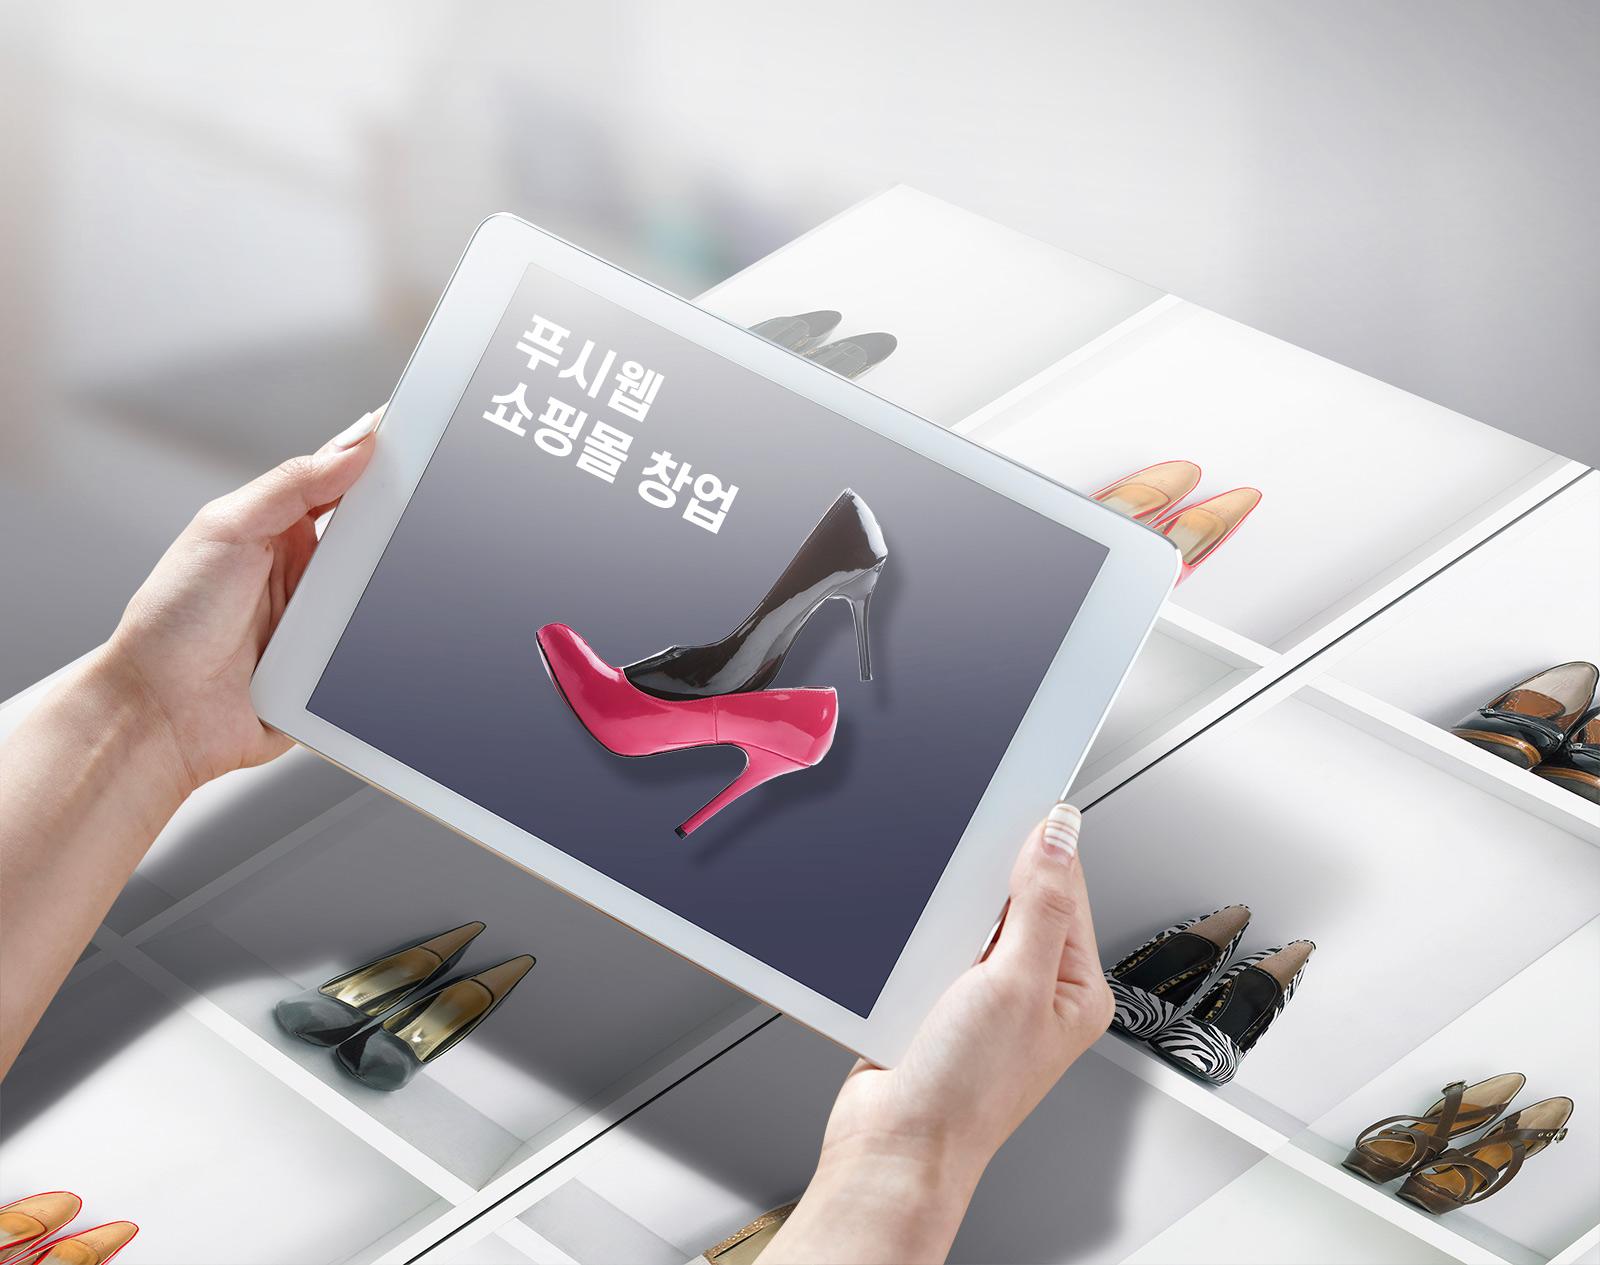 쇼핑몰 창업절차,쇼핑몰제작,푸시웹